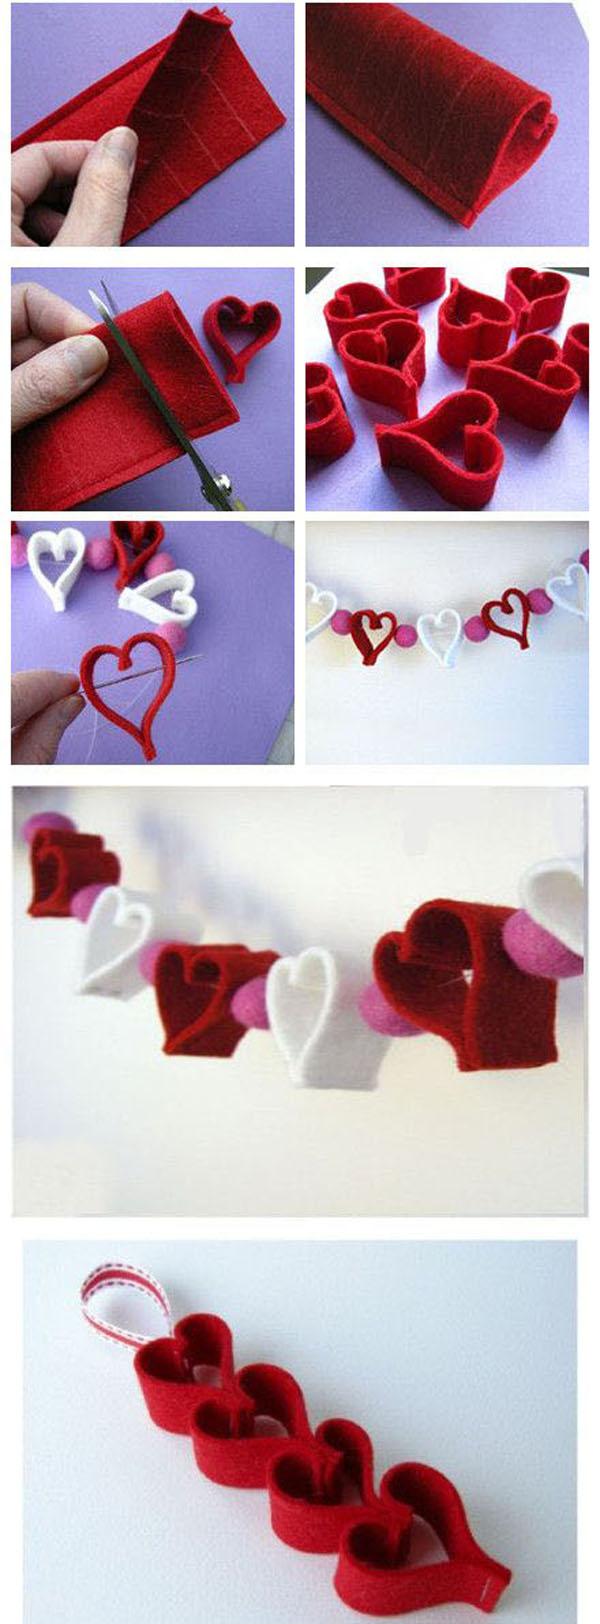 Подарки на День Святого Валентина. Подарки на День Святого Валентина своими руками